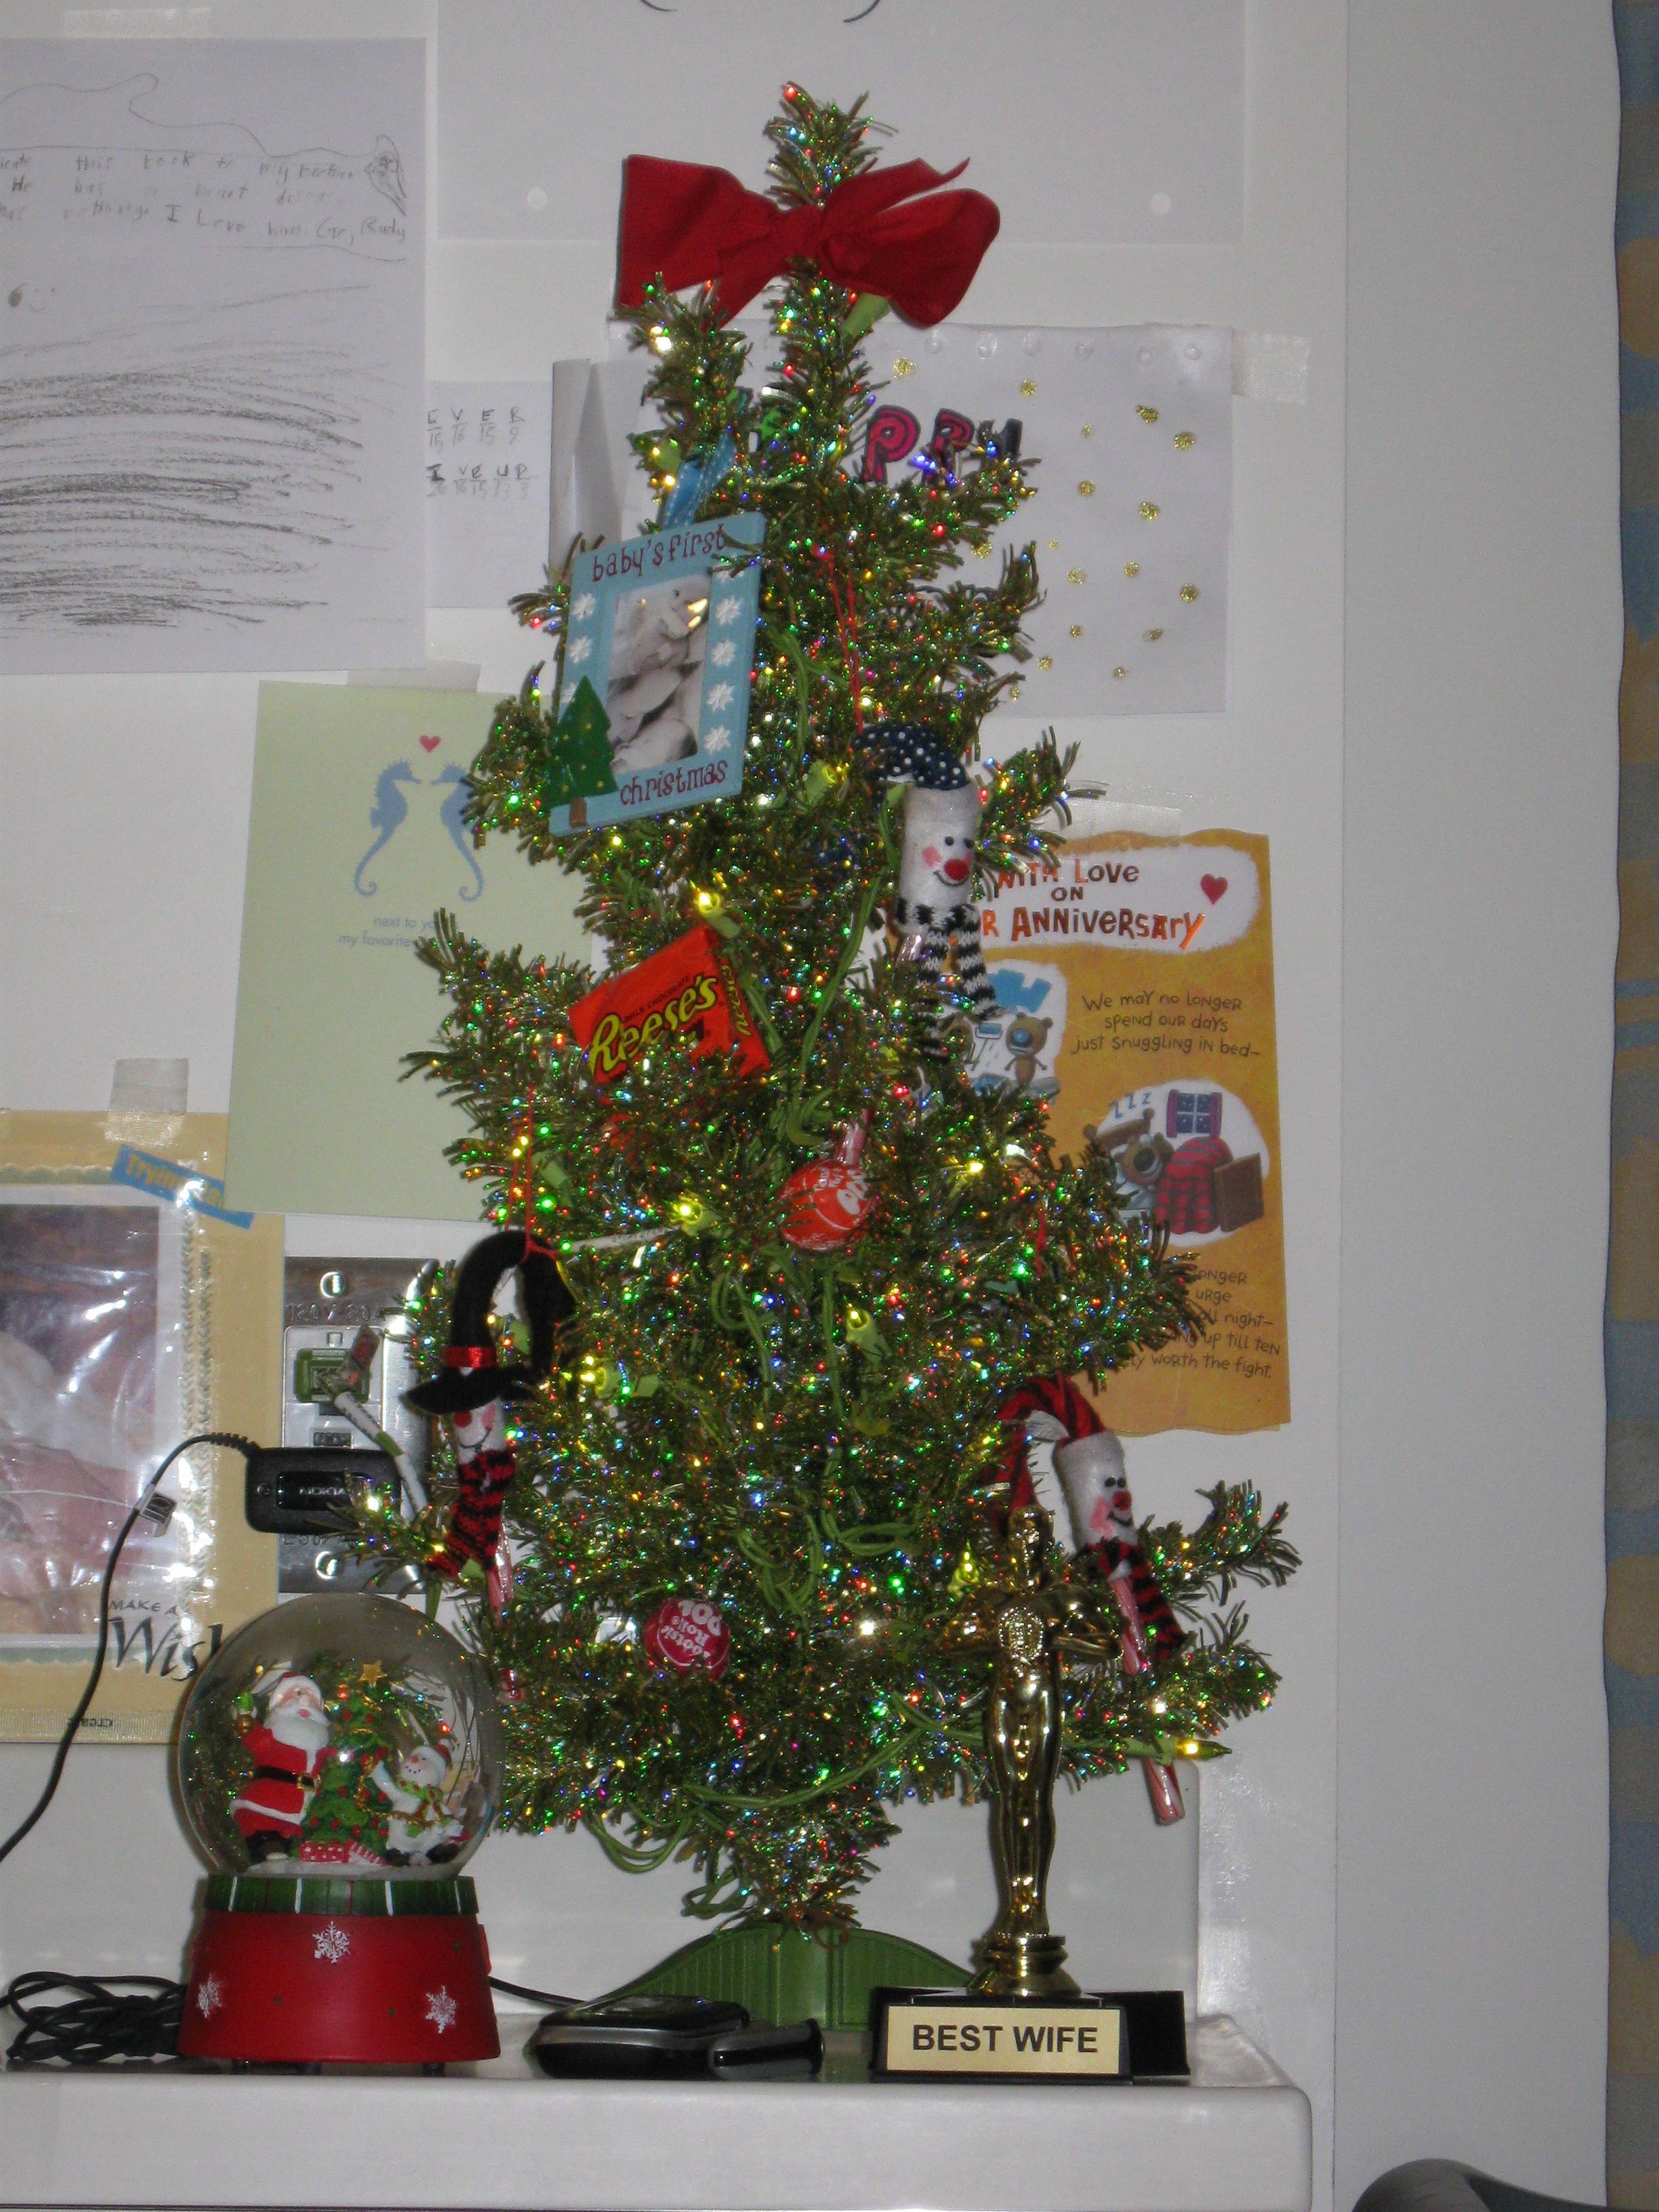 Rudy's tree